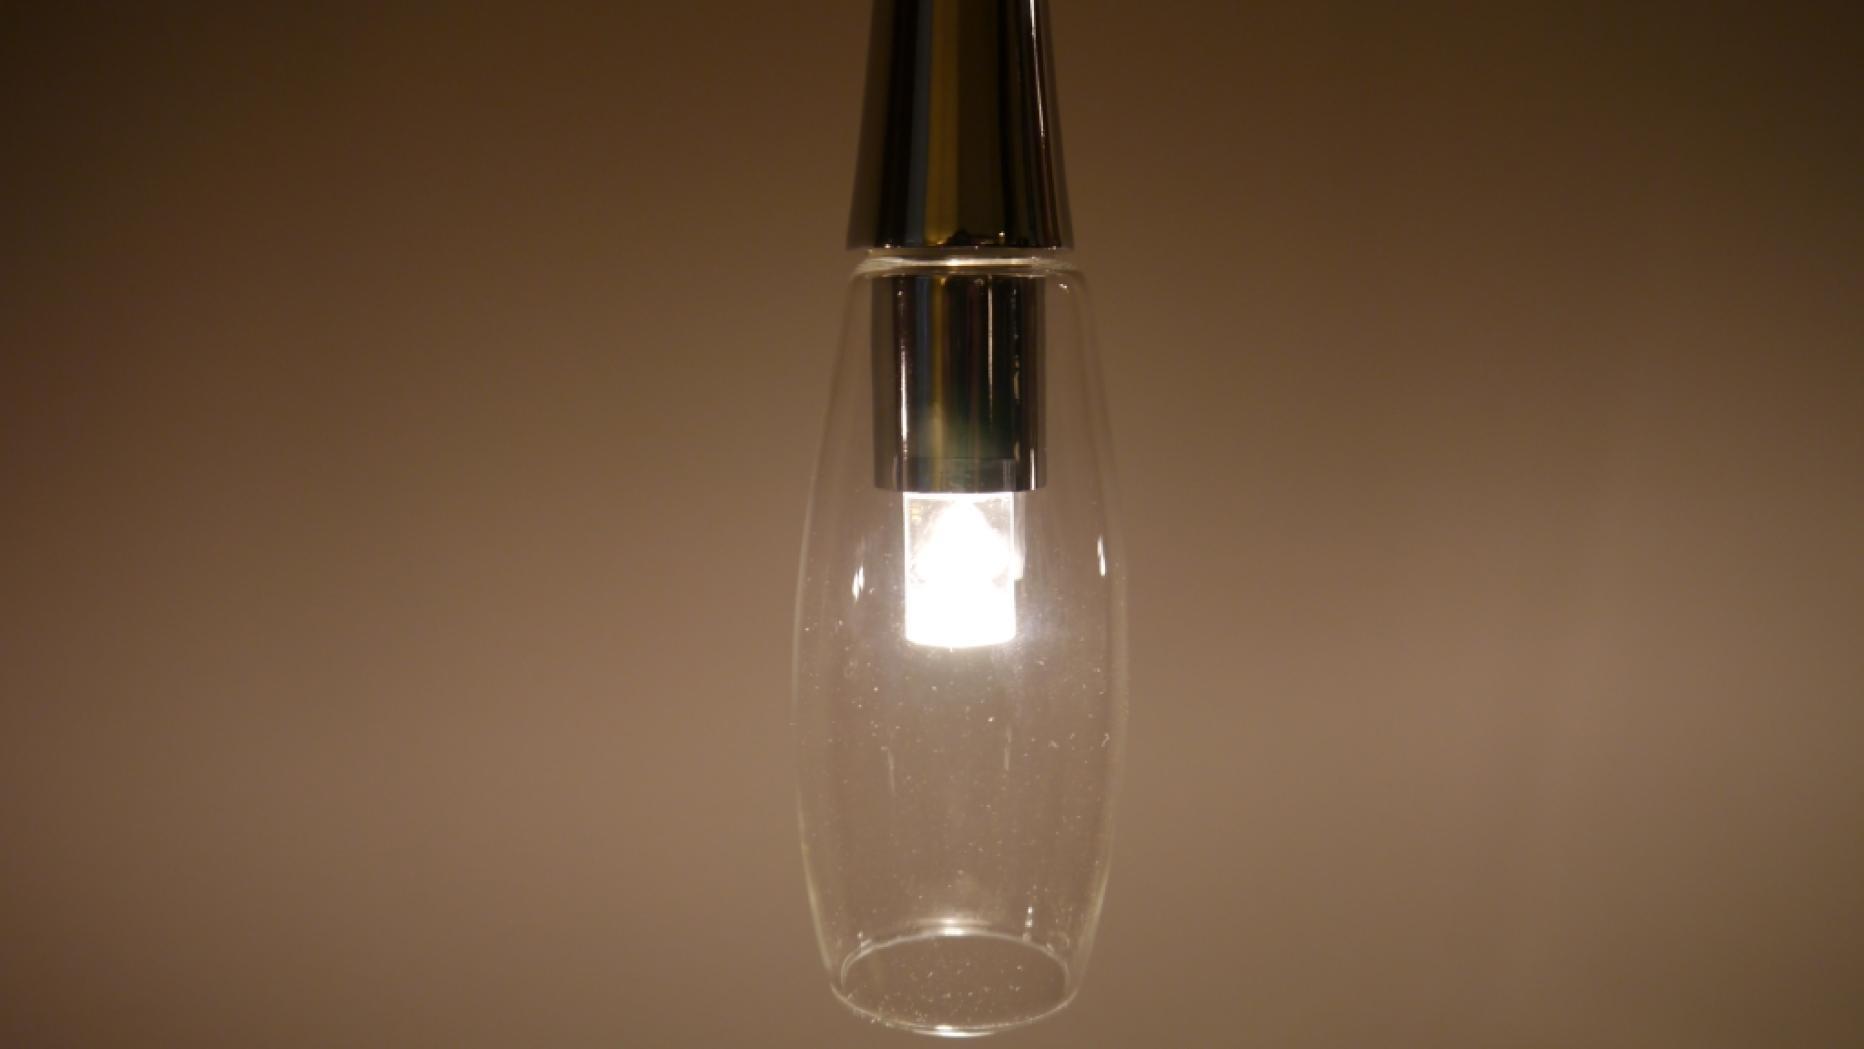 Aus für Glühbirnen: LED Lampen als Ersatz | futurezone.at